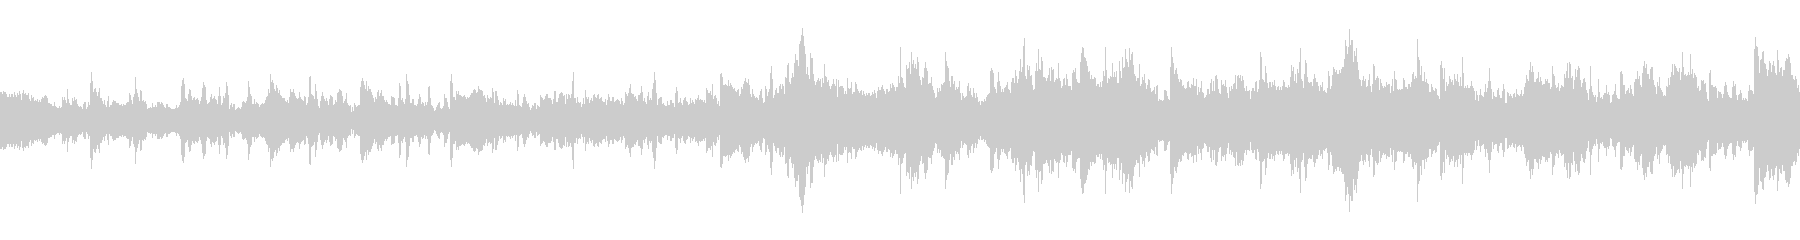 異空間のような浮遊感あるピアノ楽曲の未再生の波形